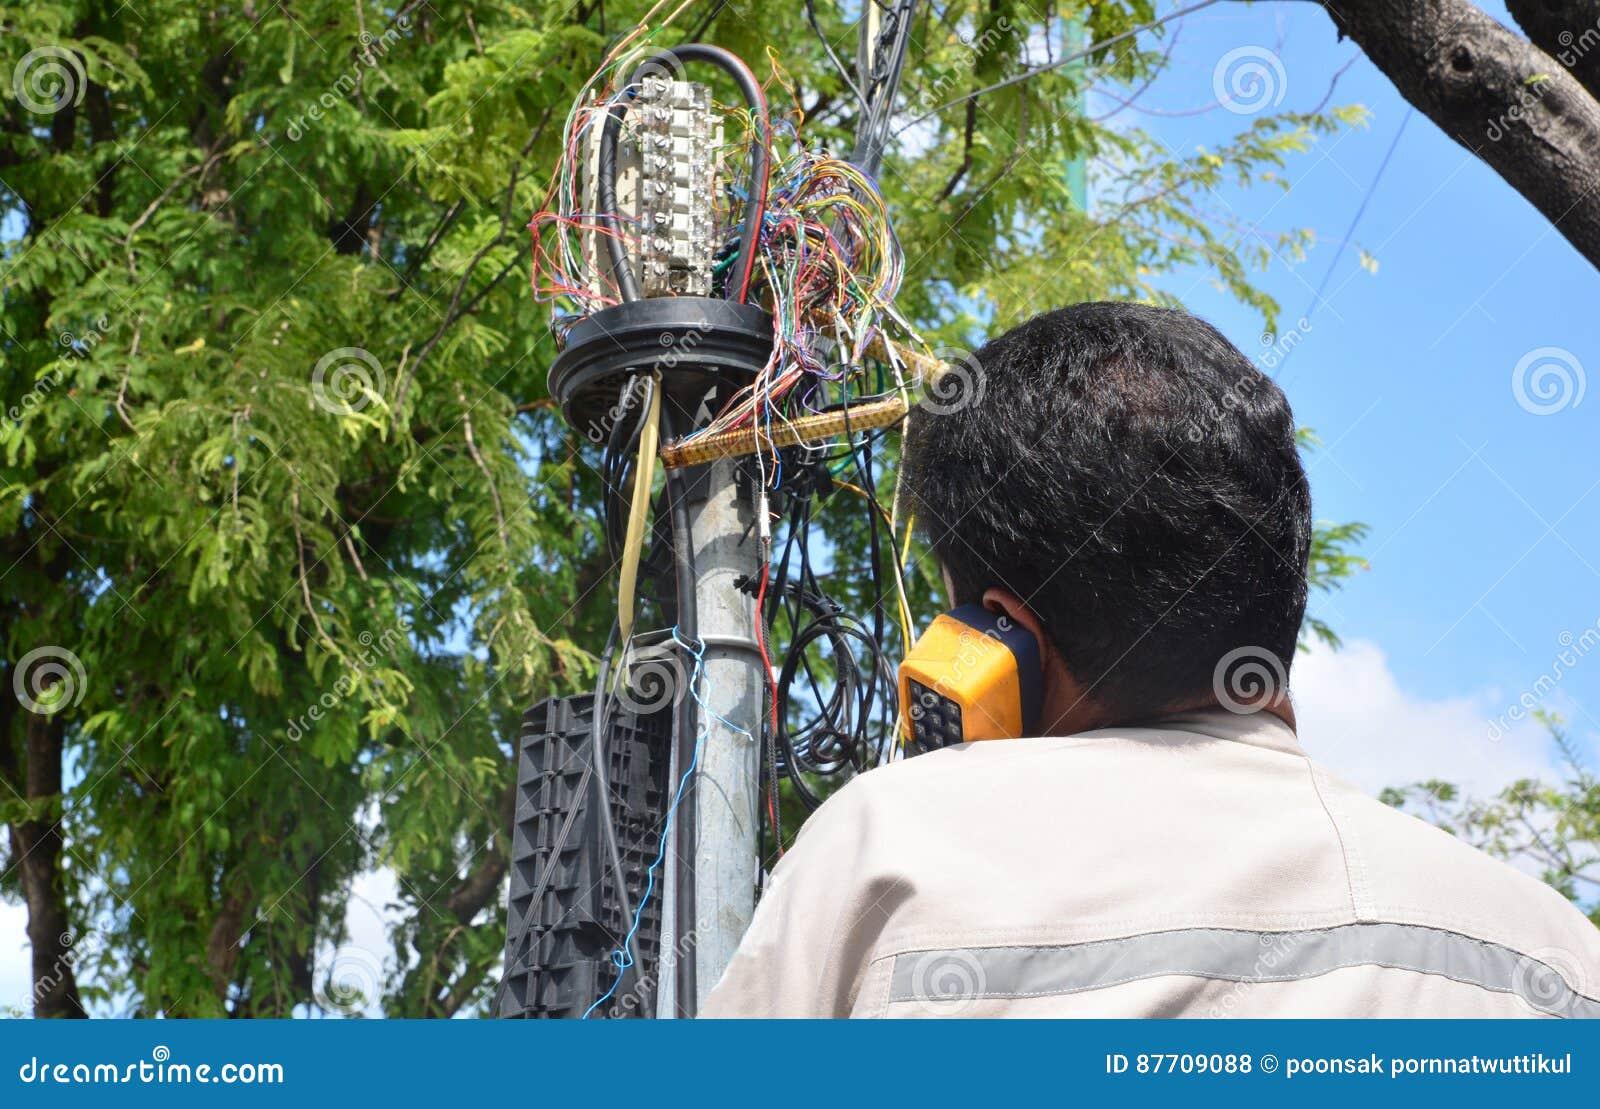 Le technicien branche dans un câble de réseau